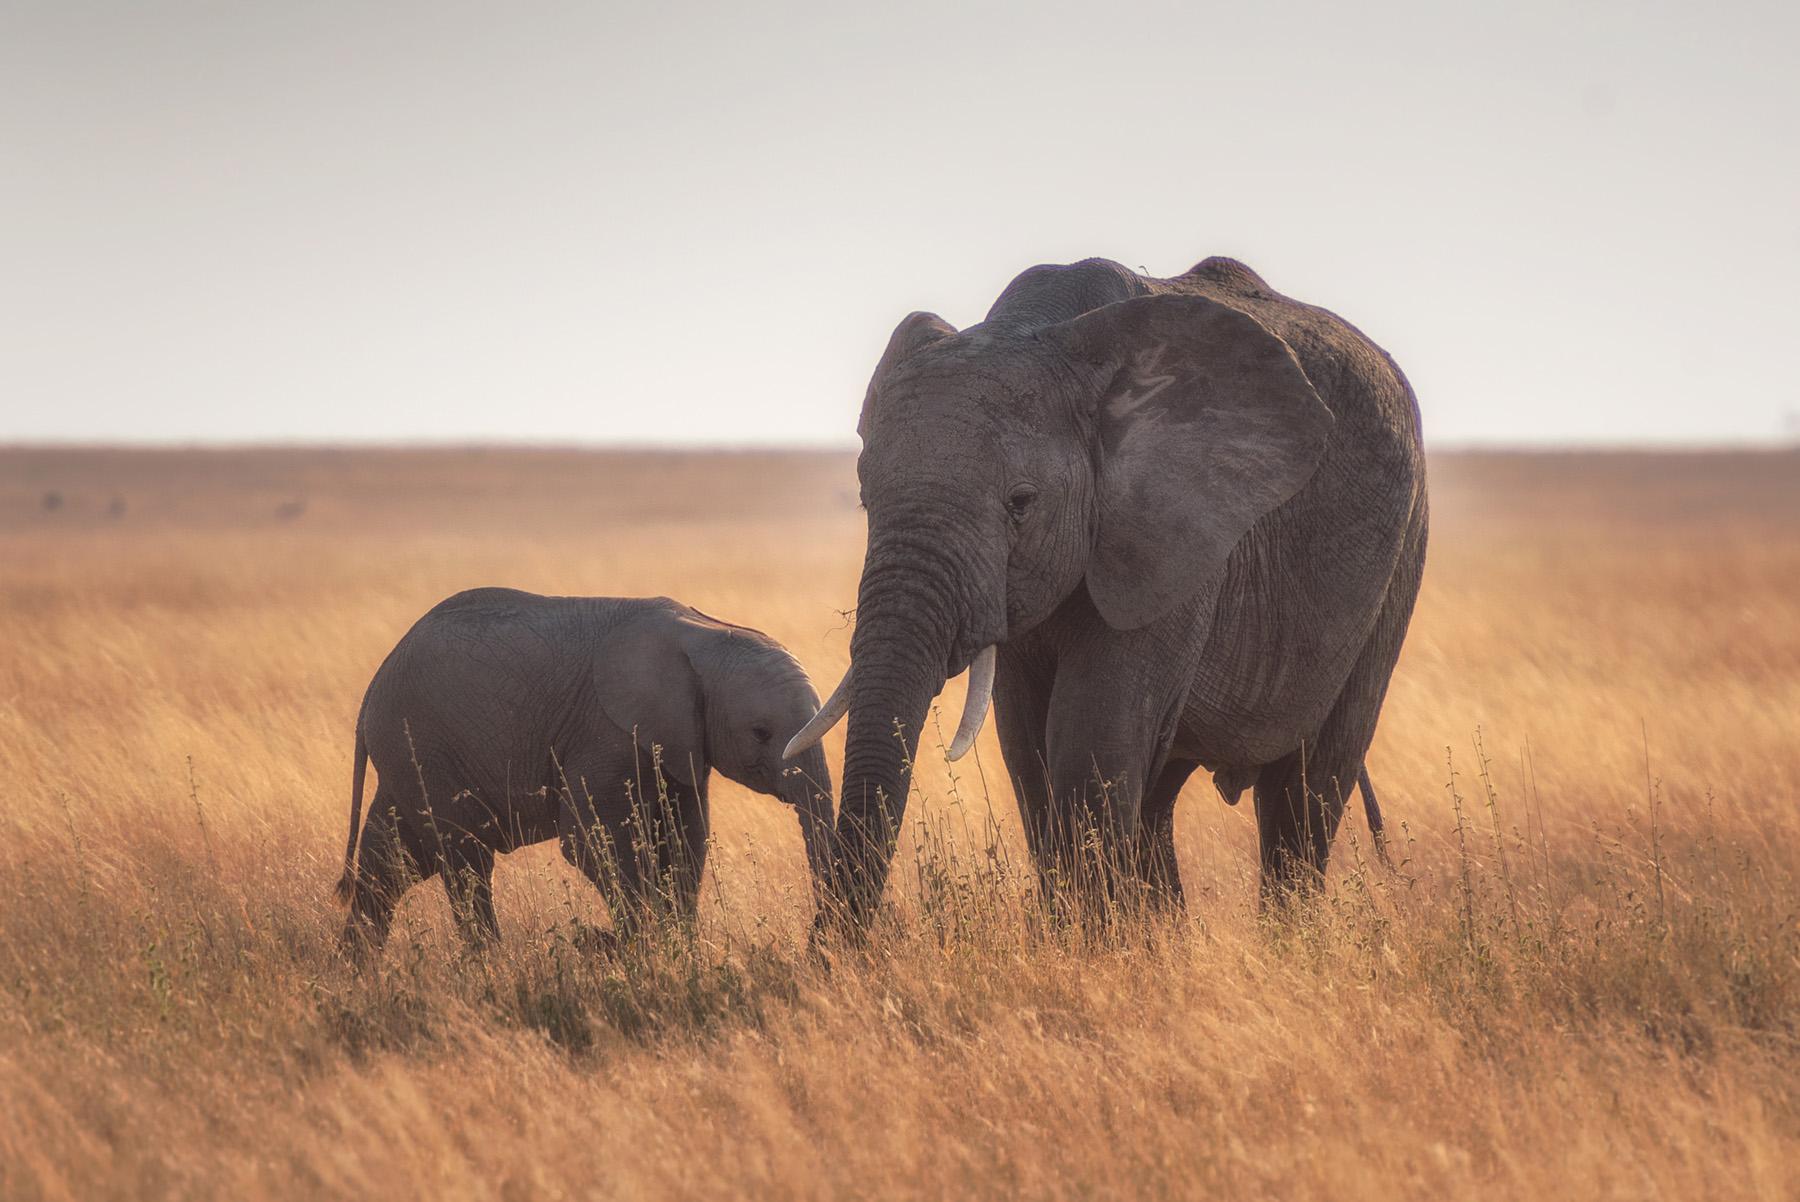 Ban Elephant